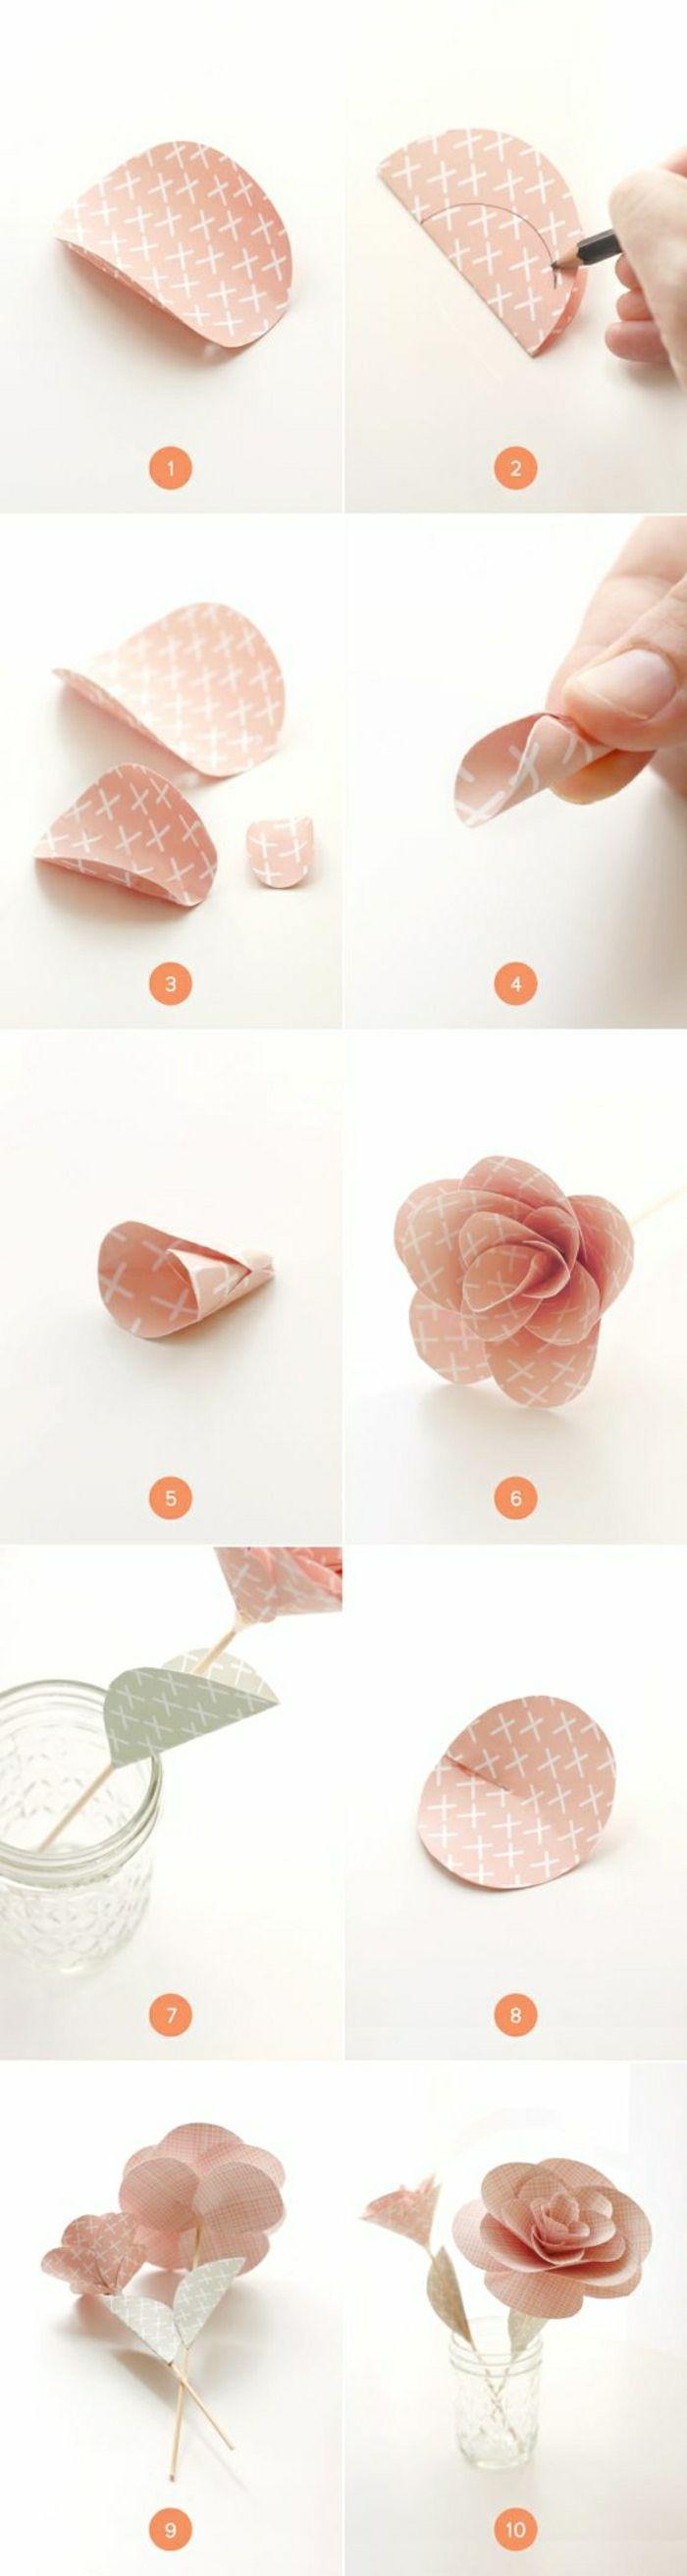 Les 25 meilleures id es de la cat gorie toile origami sur - Comment faire une etoile en papier facile ...